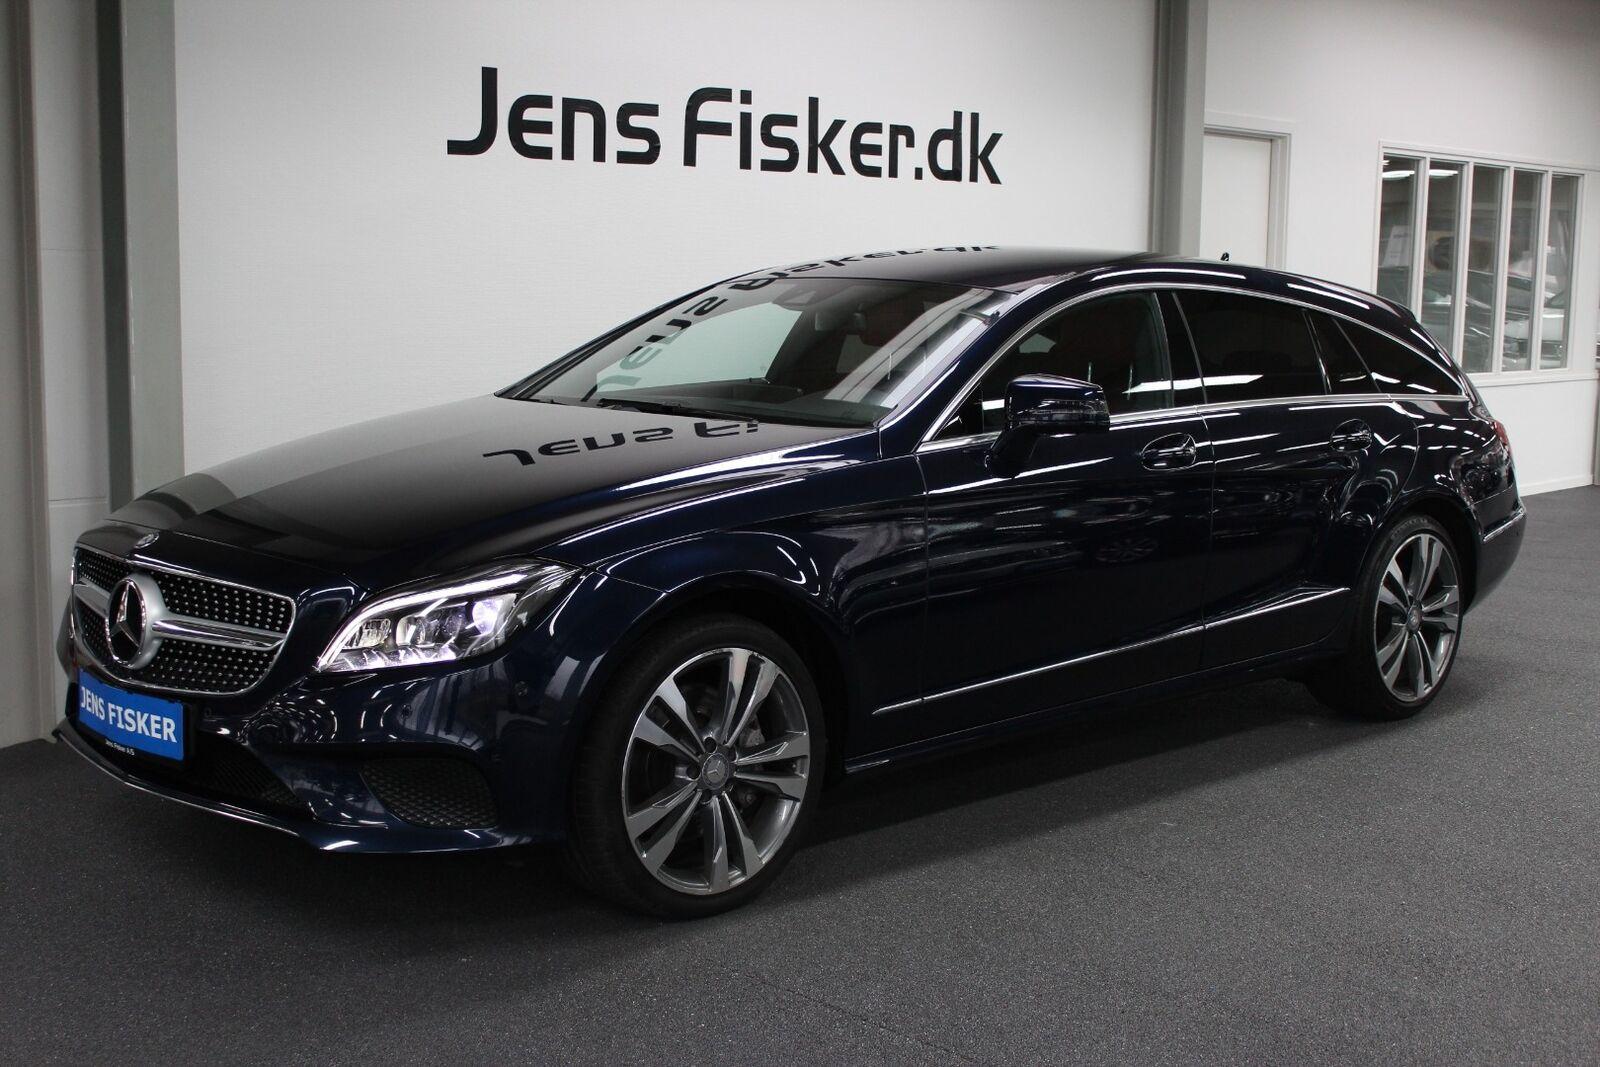 Mercedes CLS350 3,0 BlueTEC SB aut 4-M 5d - 459.900 kr.